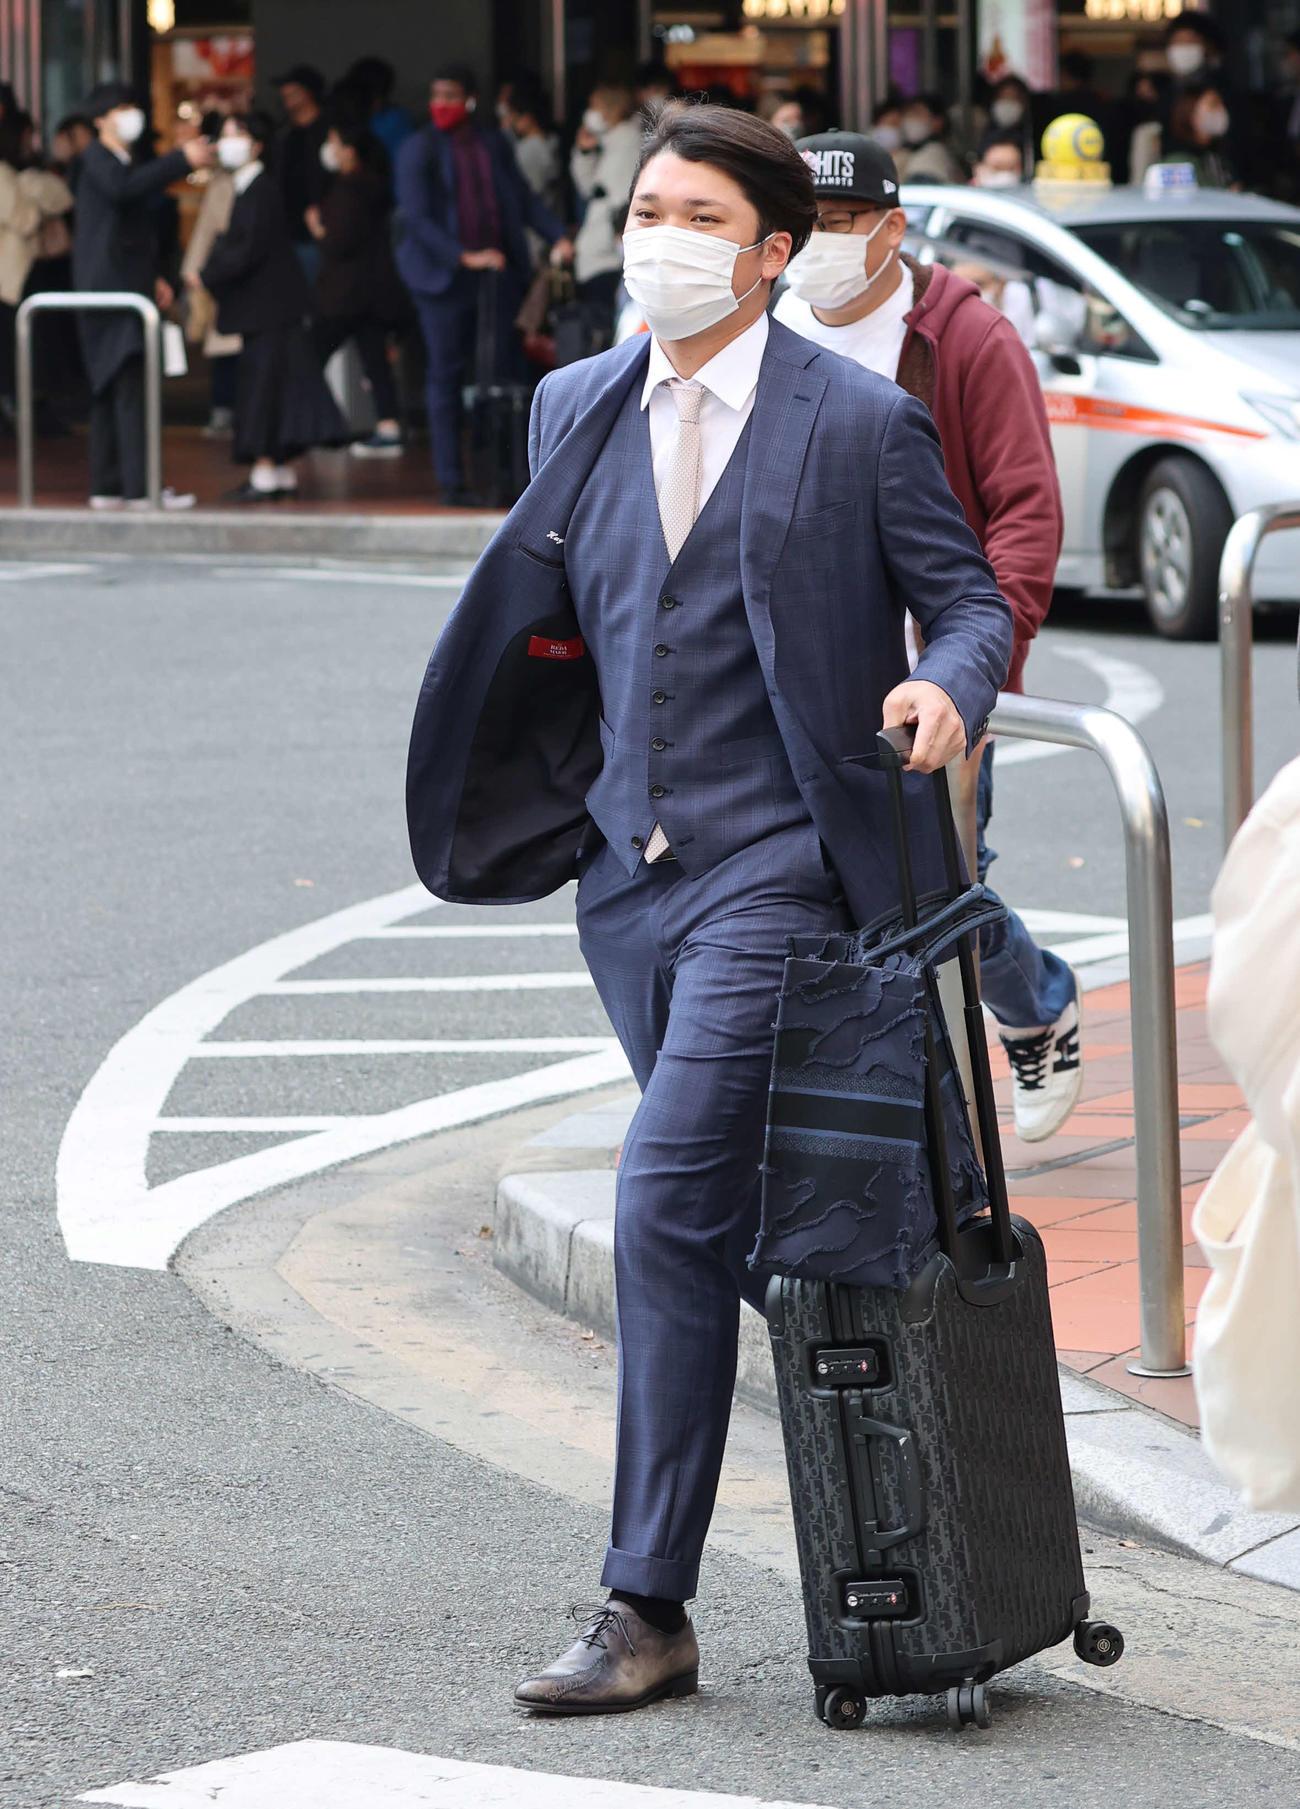 福岡に到着し、迎えのバスに向かって歩く巨人坂本(撮影・河野匠)